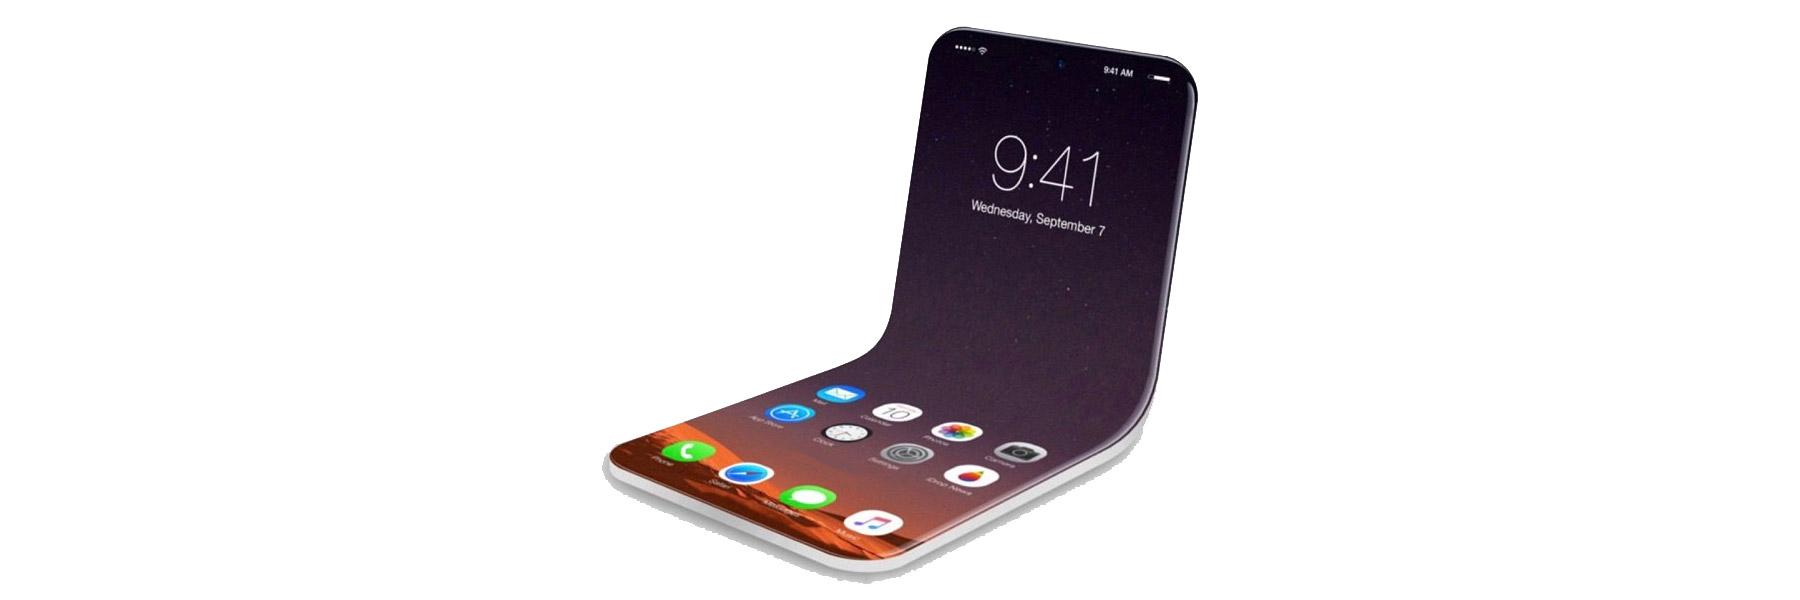 أول دليل على قدوم هاتف آيفون القابل للطي